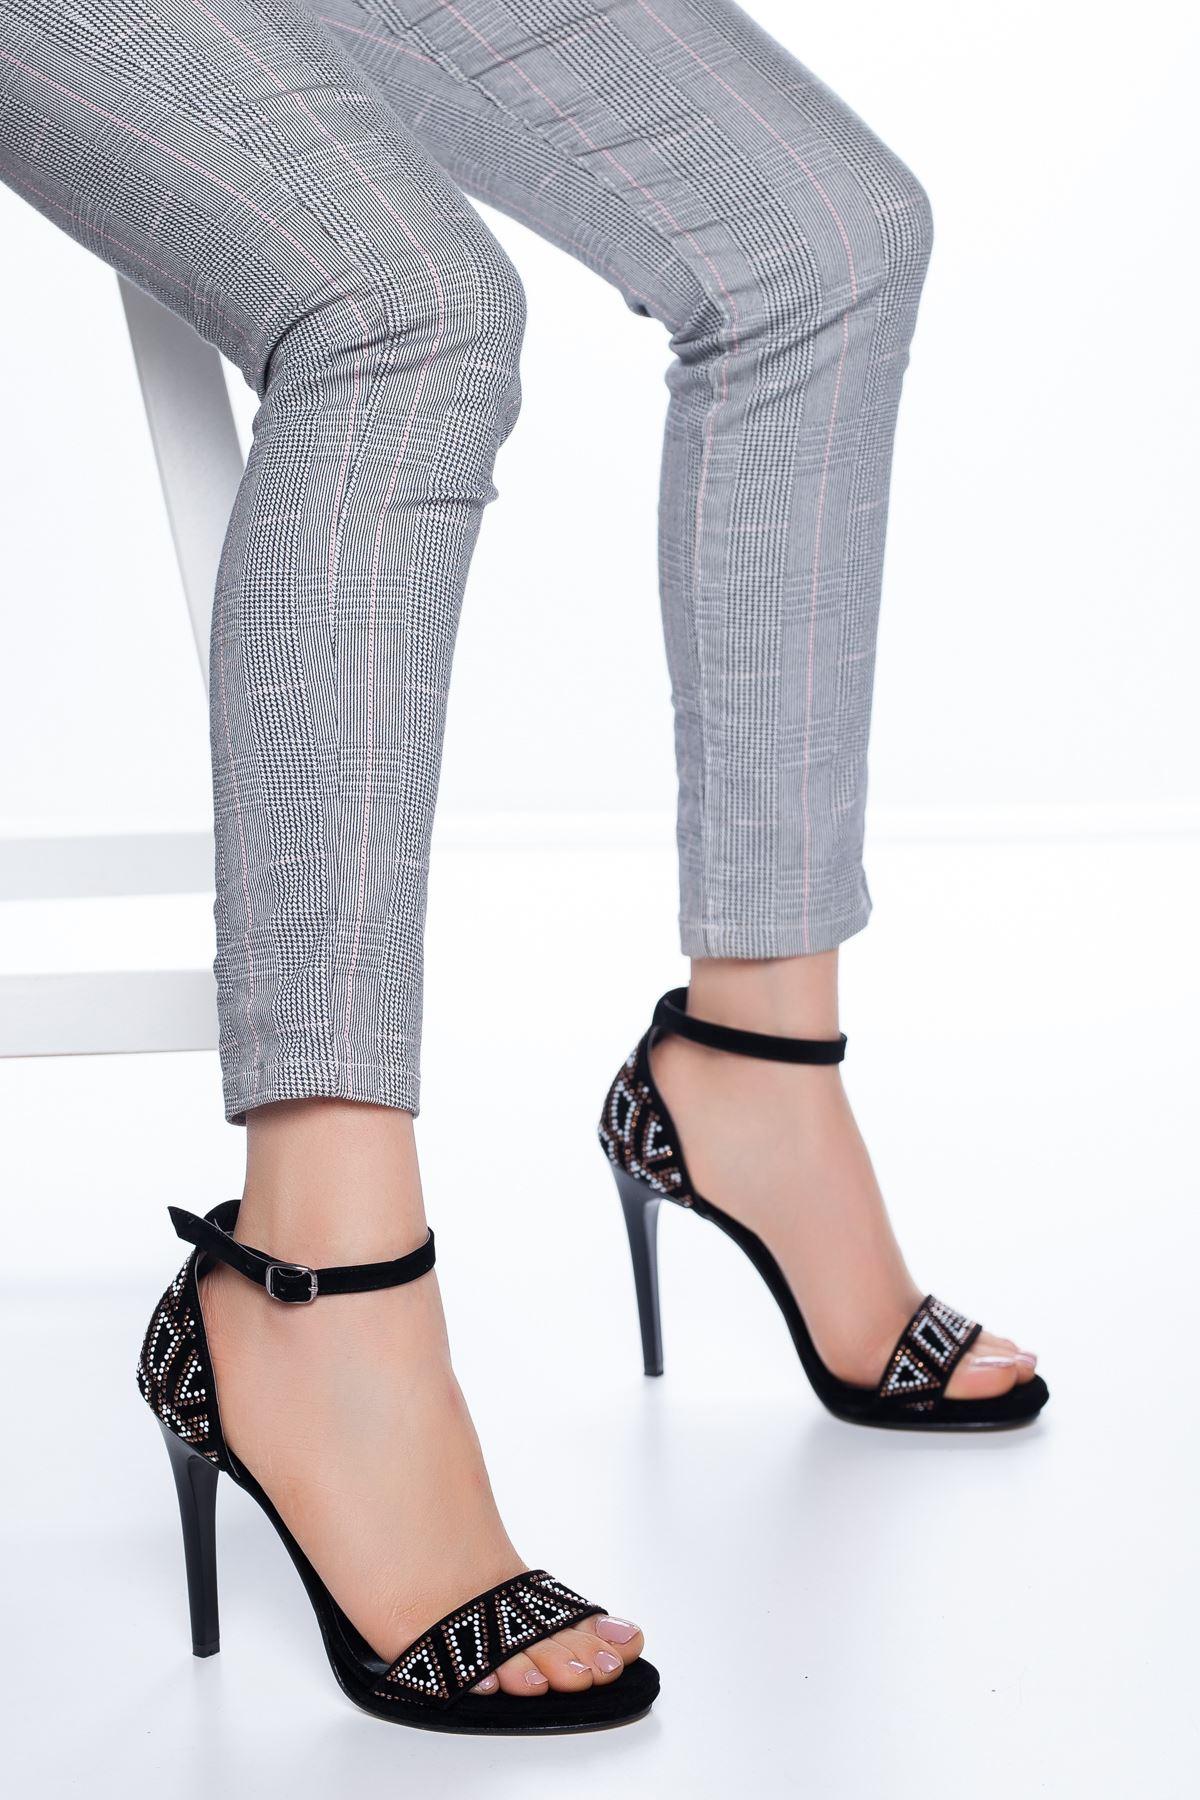 Fancy Taş İşlemeli Süet Topuklu Ayakkabı Siyah